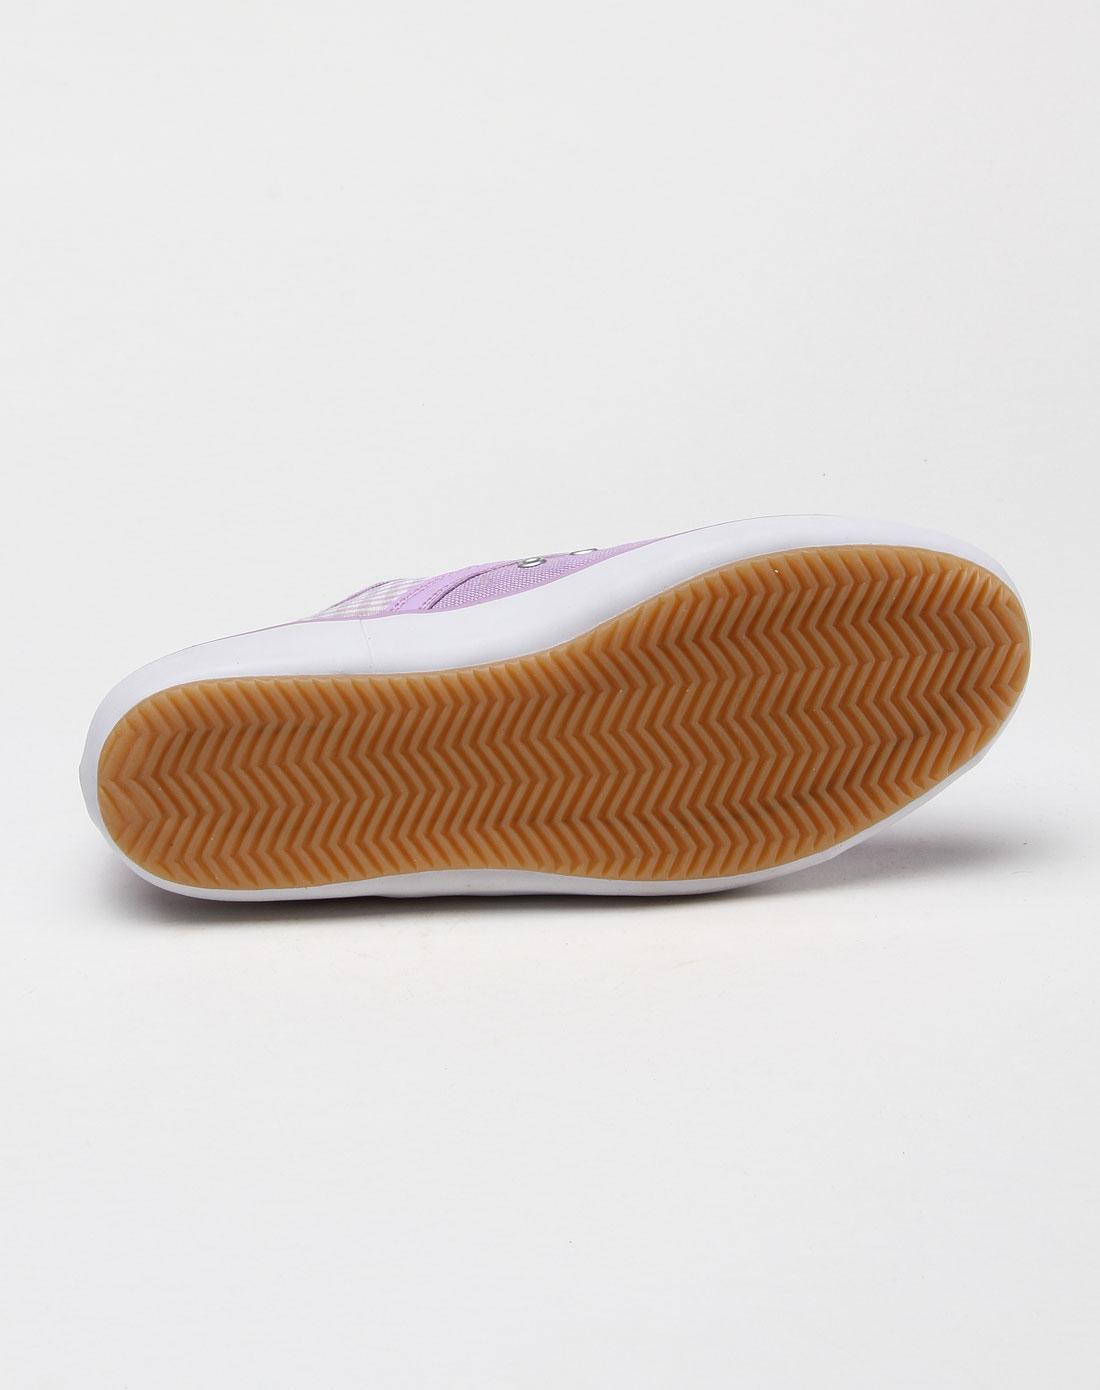 耐克nike-女子淡紫色格子时尚布鞋354042-500